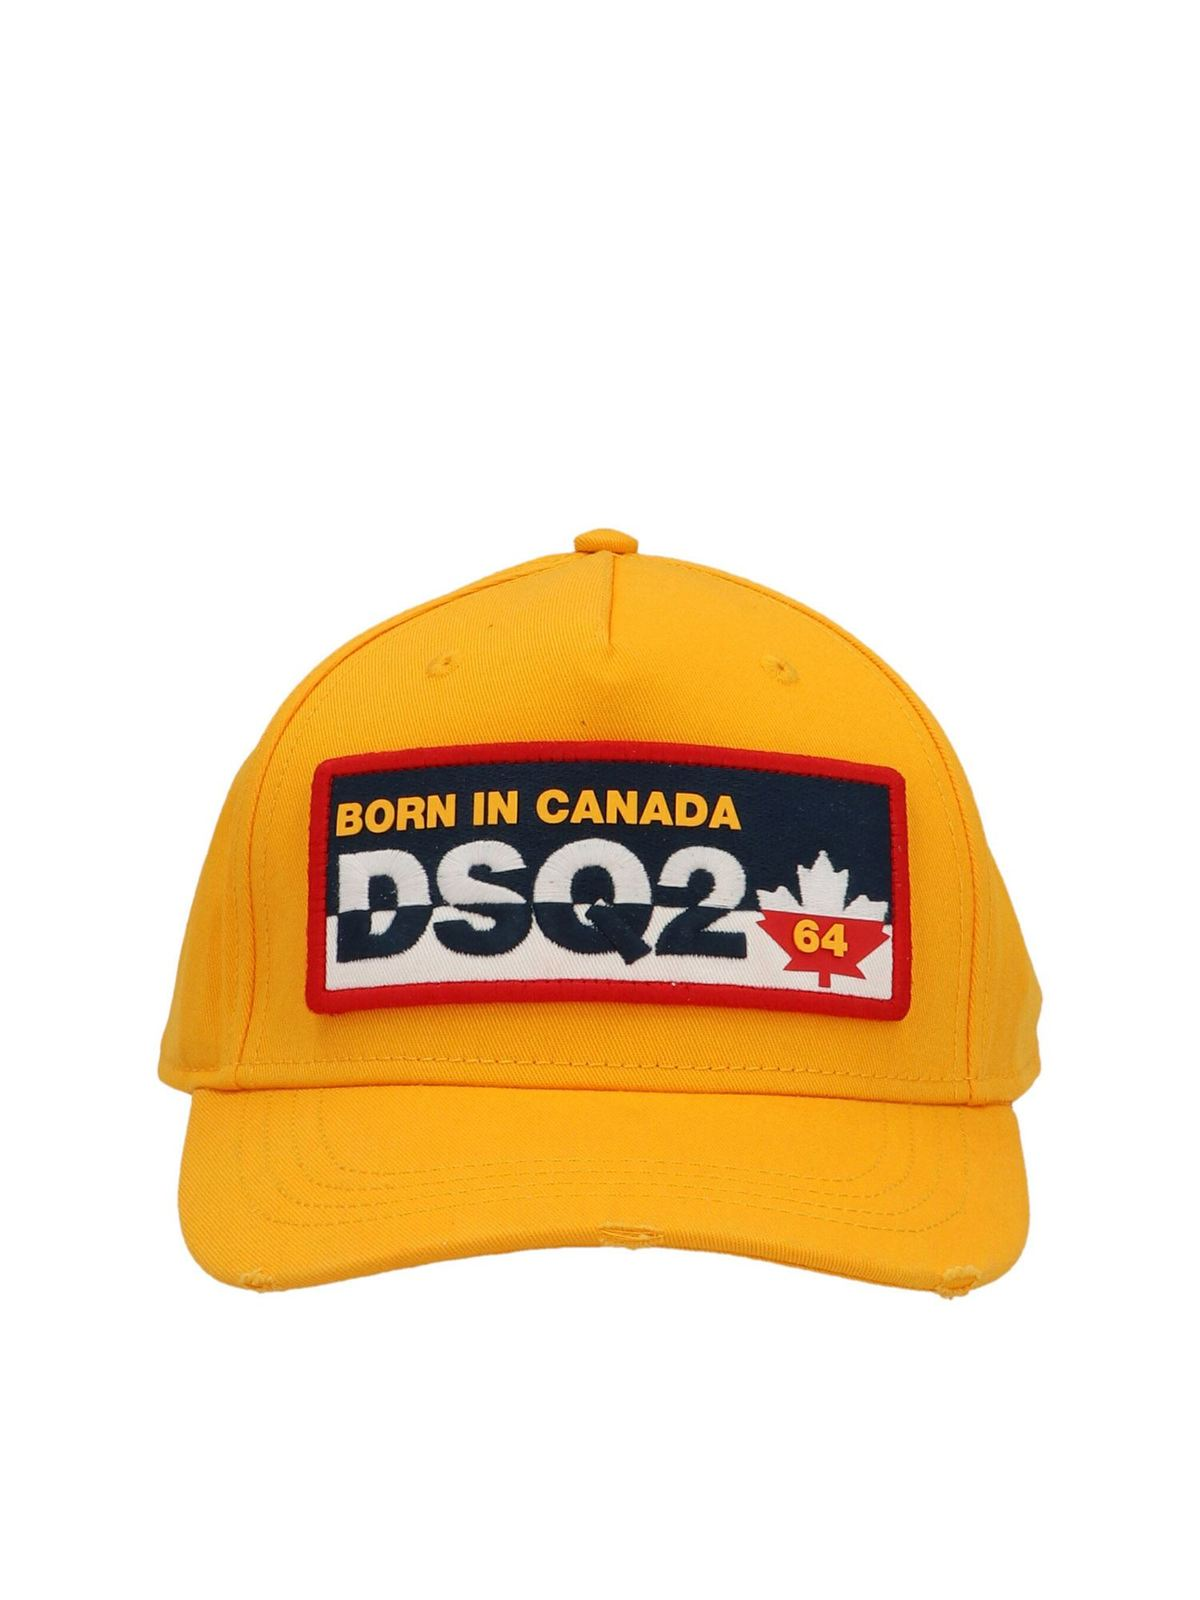 Dsquared2 Caps DSQ2 CAP IN YELLOW